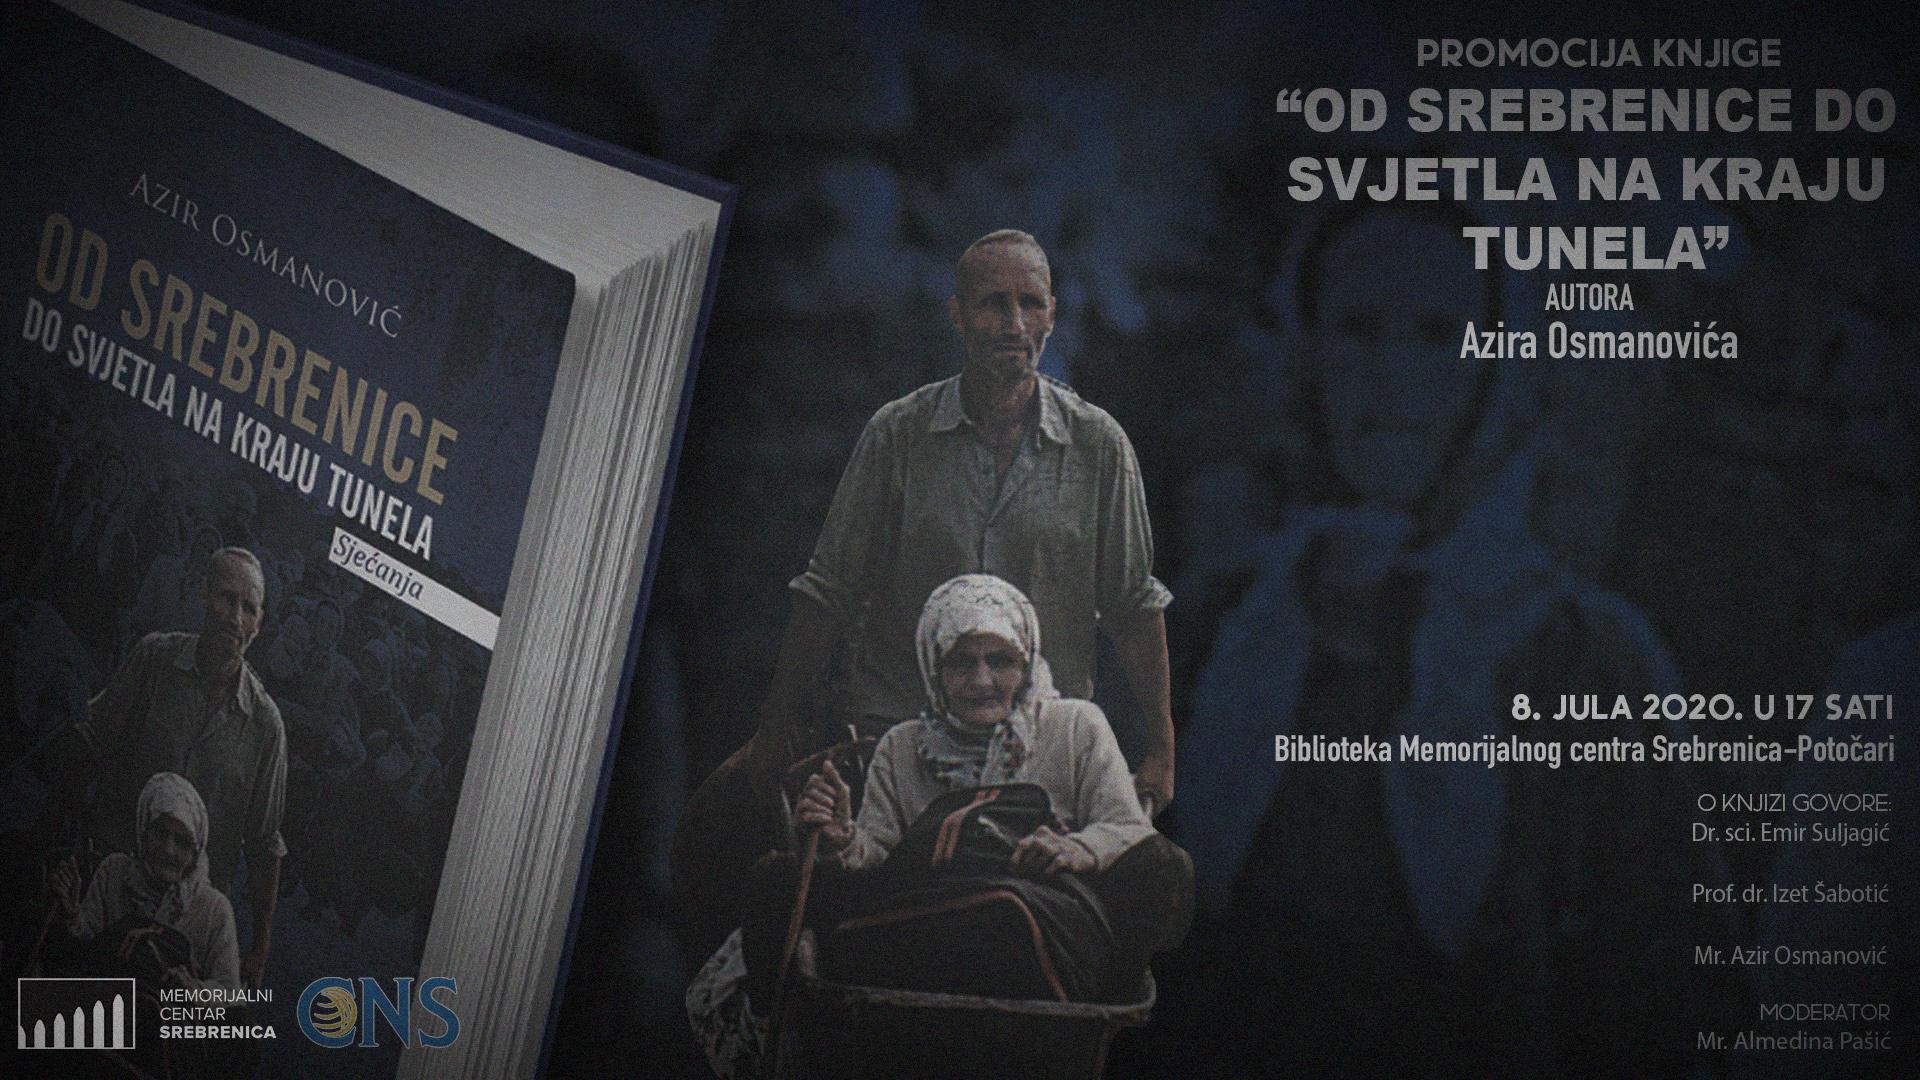 """Promocija knjige """"Od Srebrenice do svjetla na kraju tunela"""" autora Azira Osmanovića"""